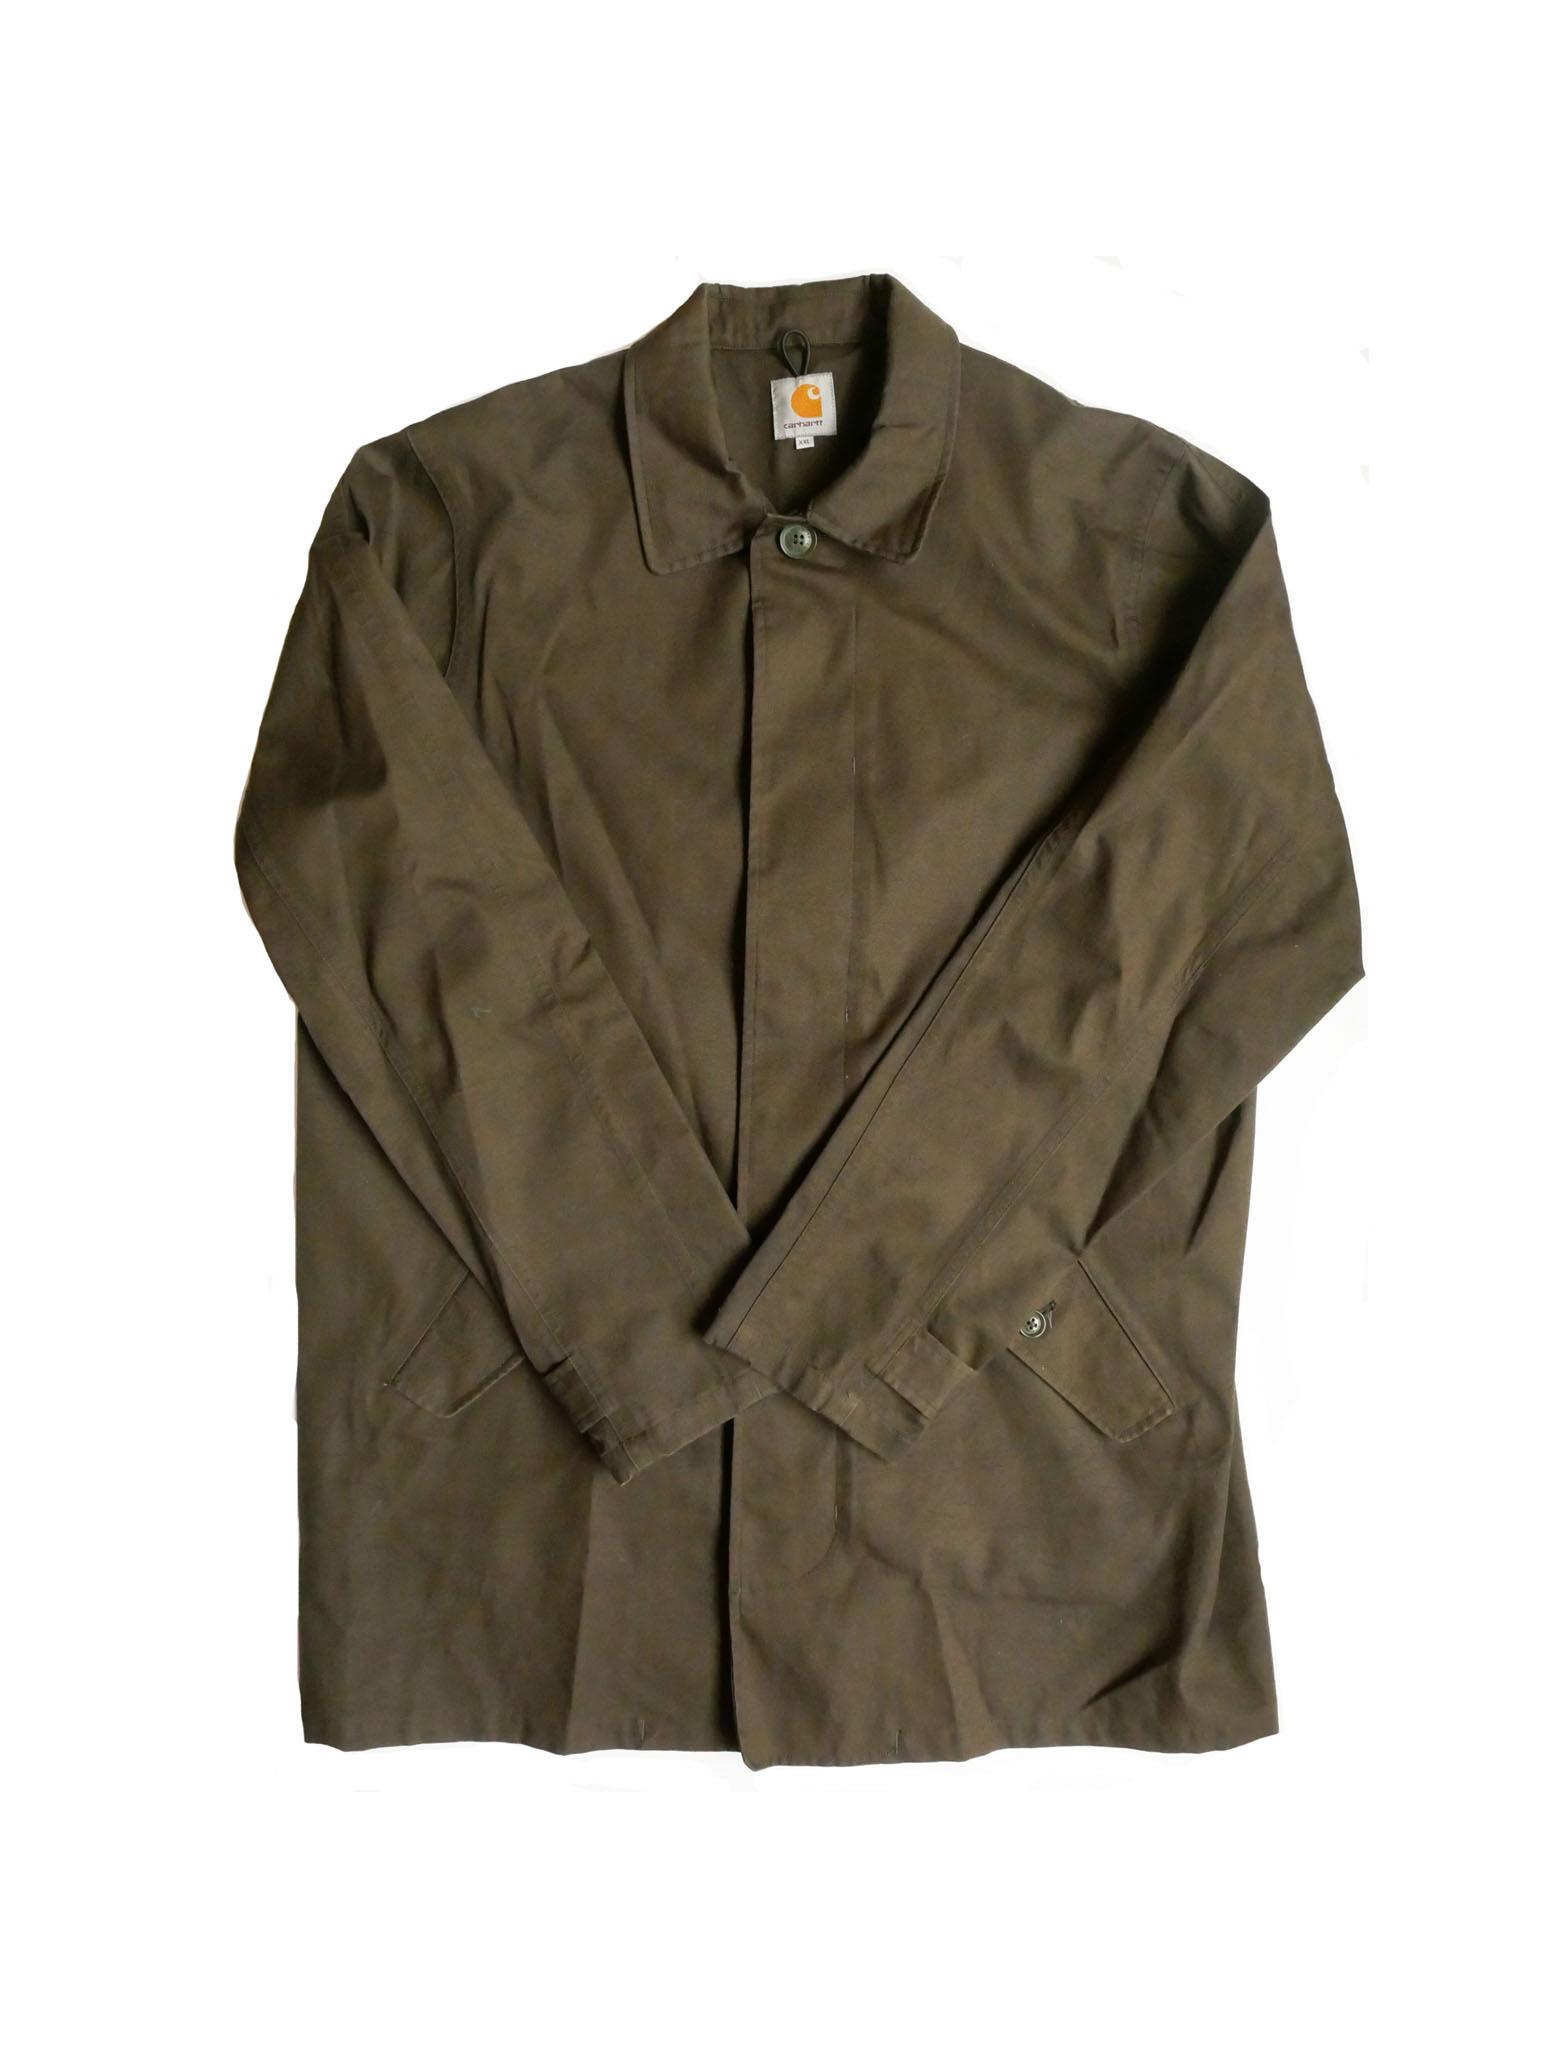 Carhartt Pearson Trench Coat